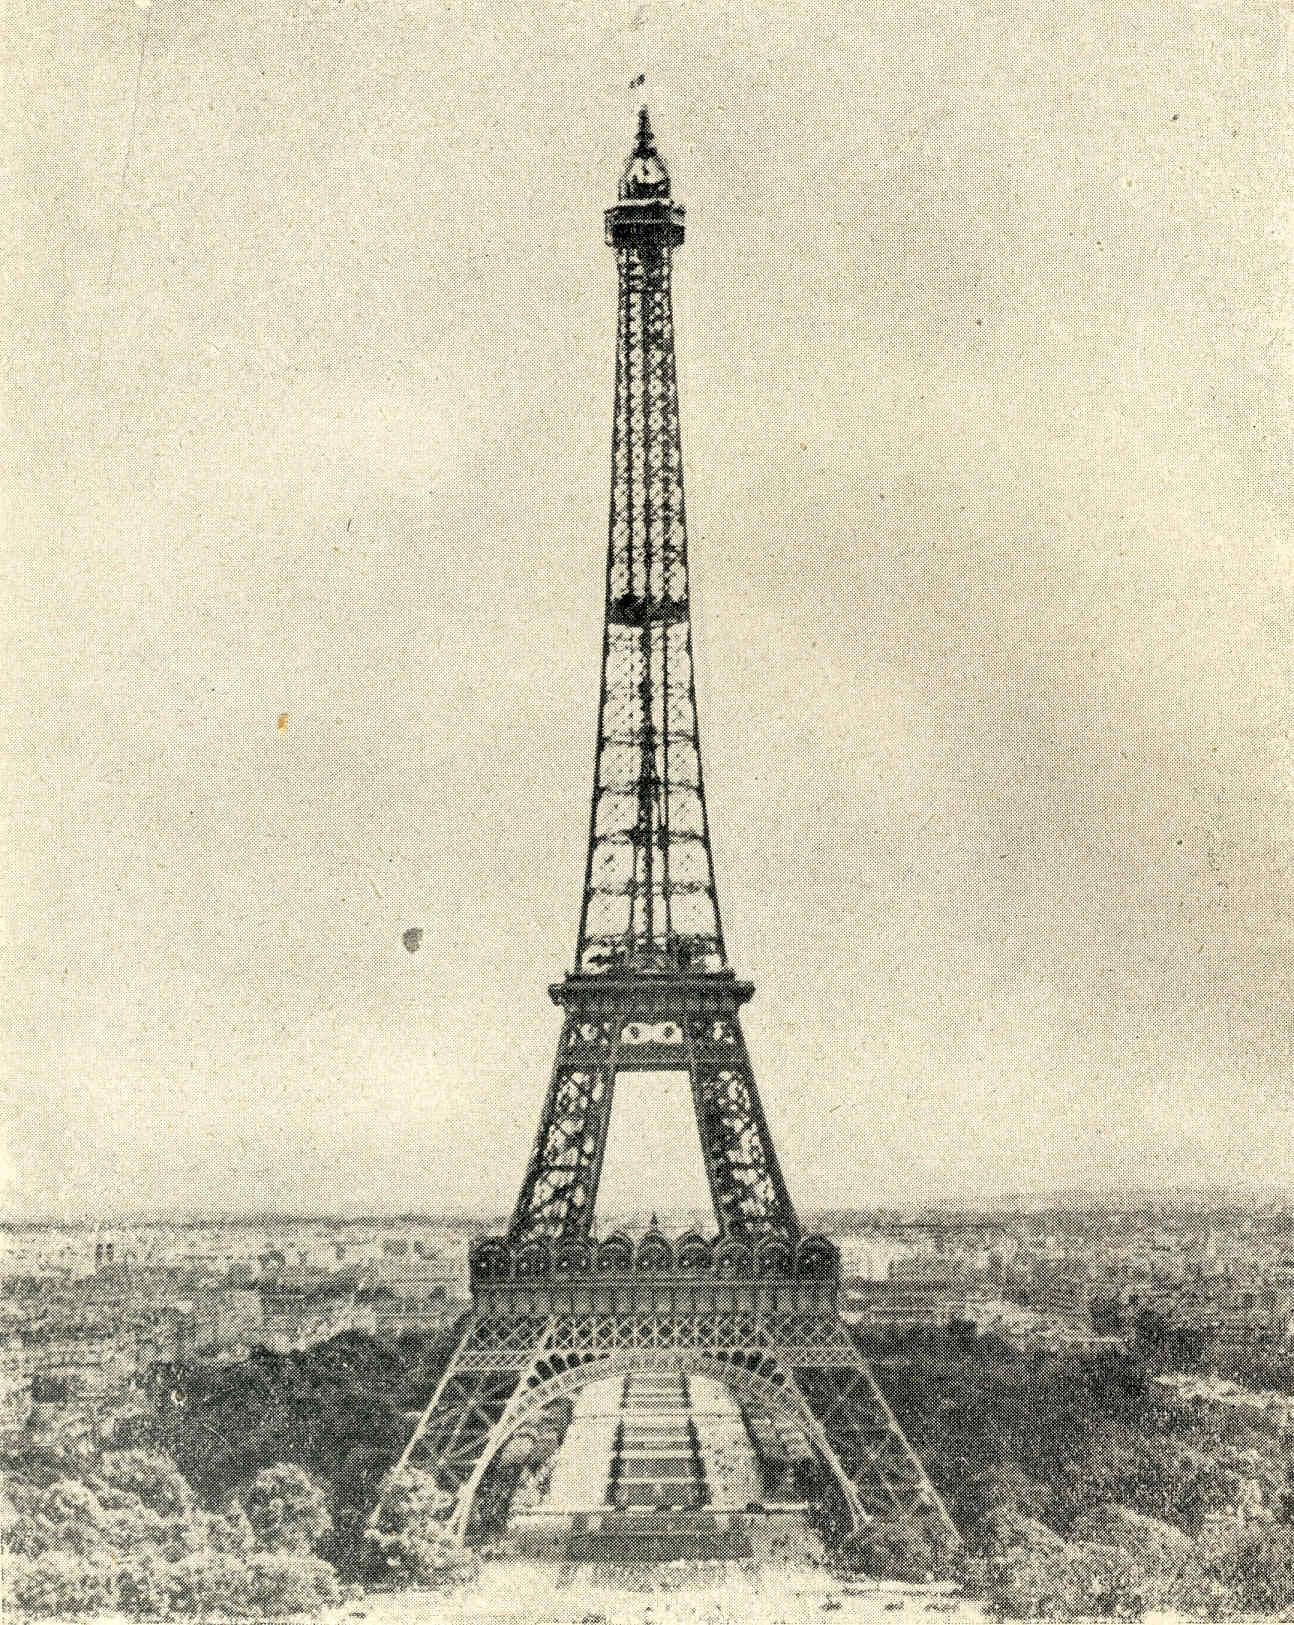 París 75 Boulanger al poder Fin del affaire Birmarck Eiffel